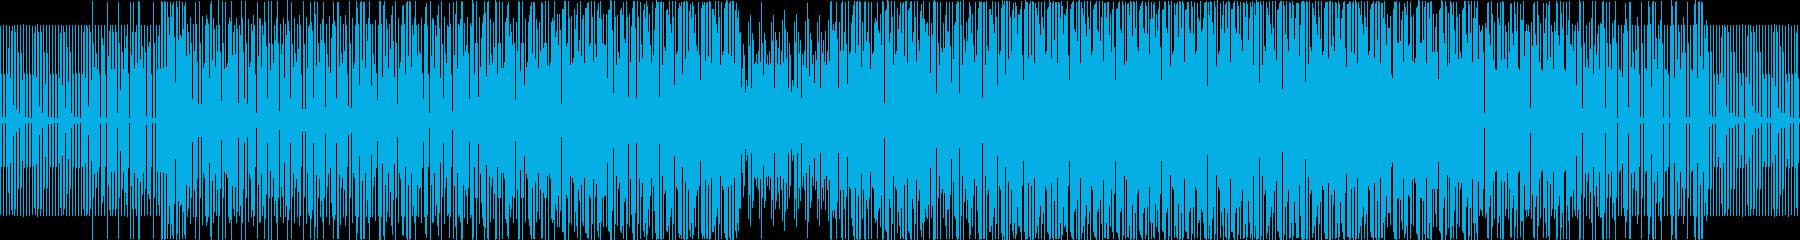 ダンス-ハウスDjツールの再生済みの波形